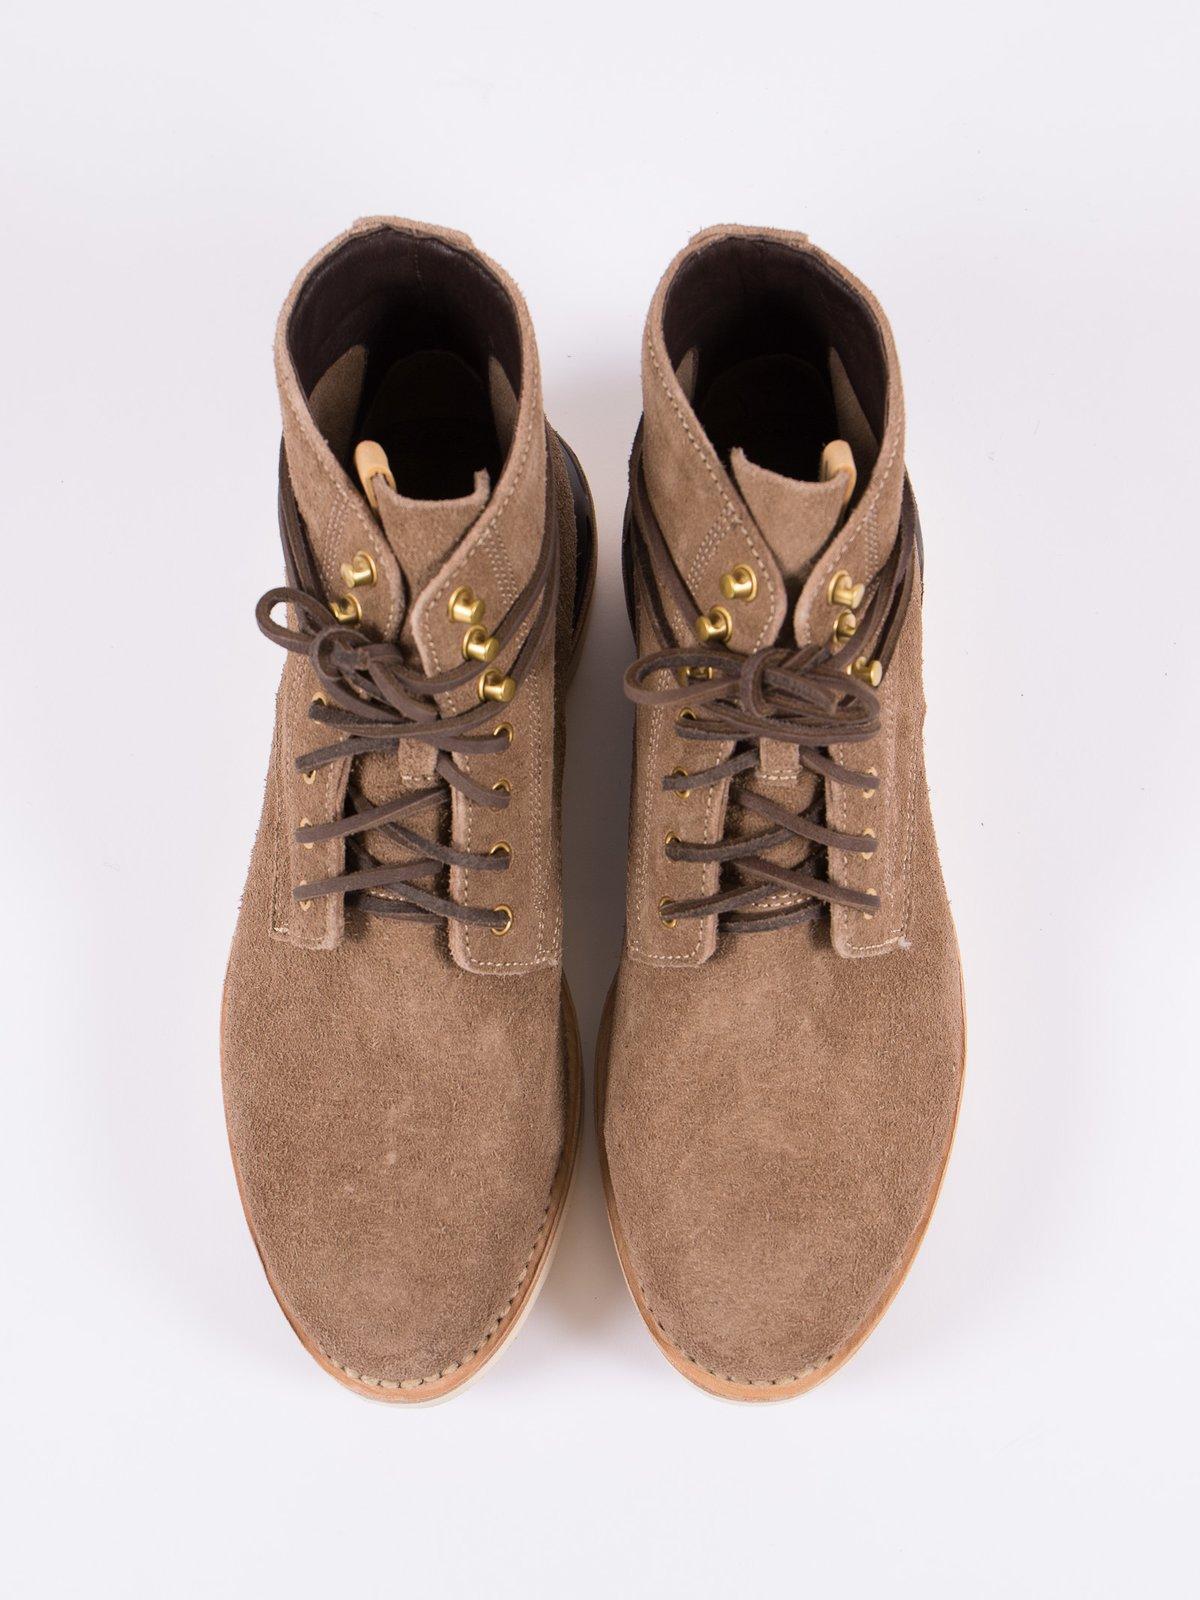 Sand Veg Suede Virgil Boots–Folk - Image 6